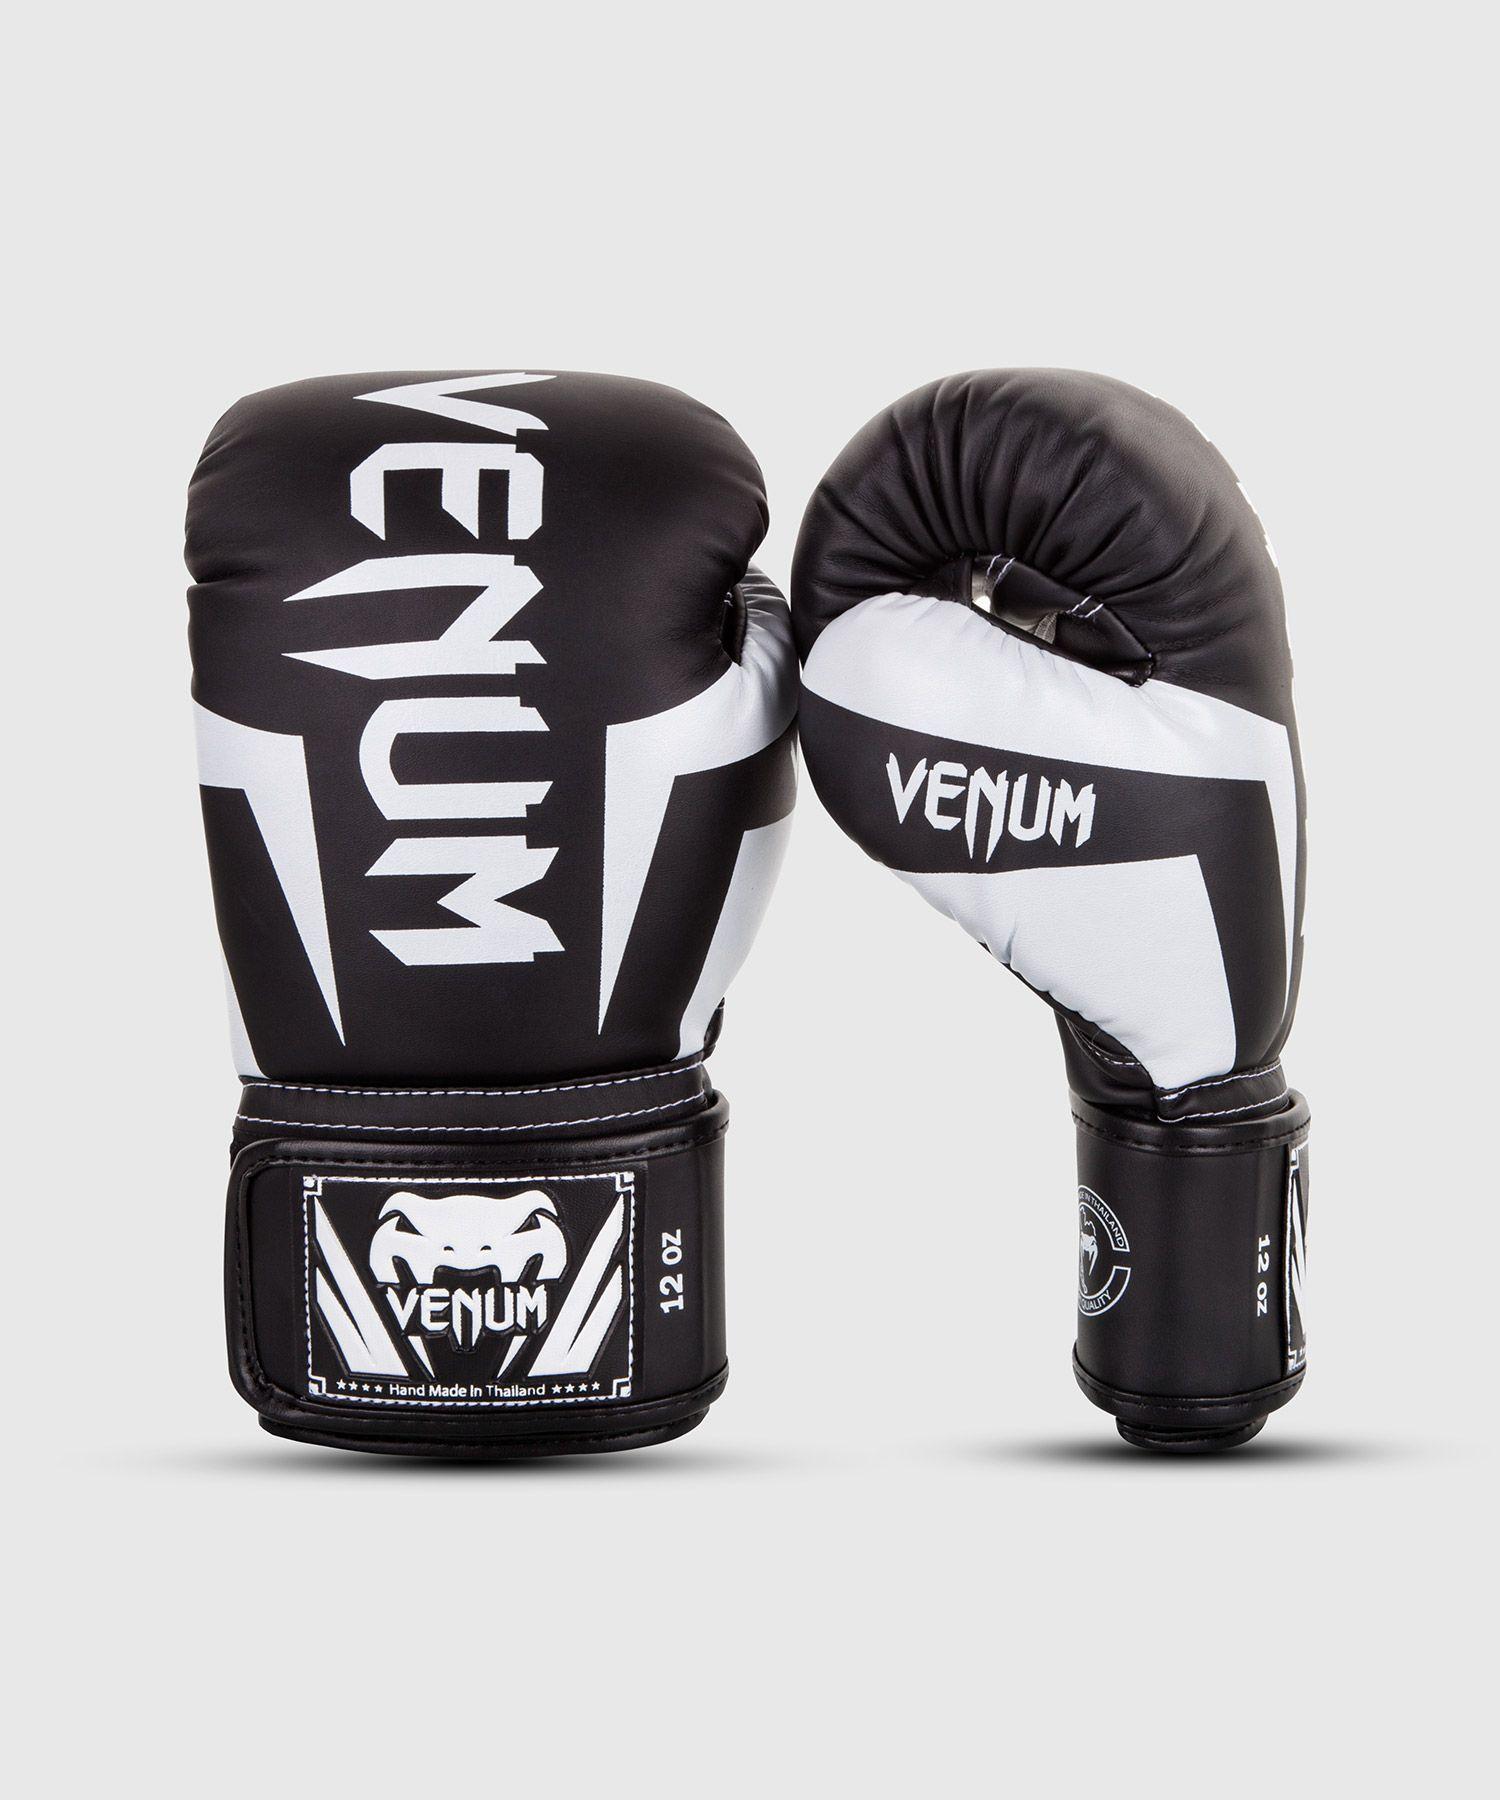 Venum Elite Boxhandschuhe - Schwarz/Weiß